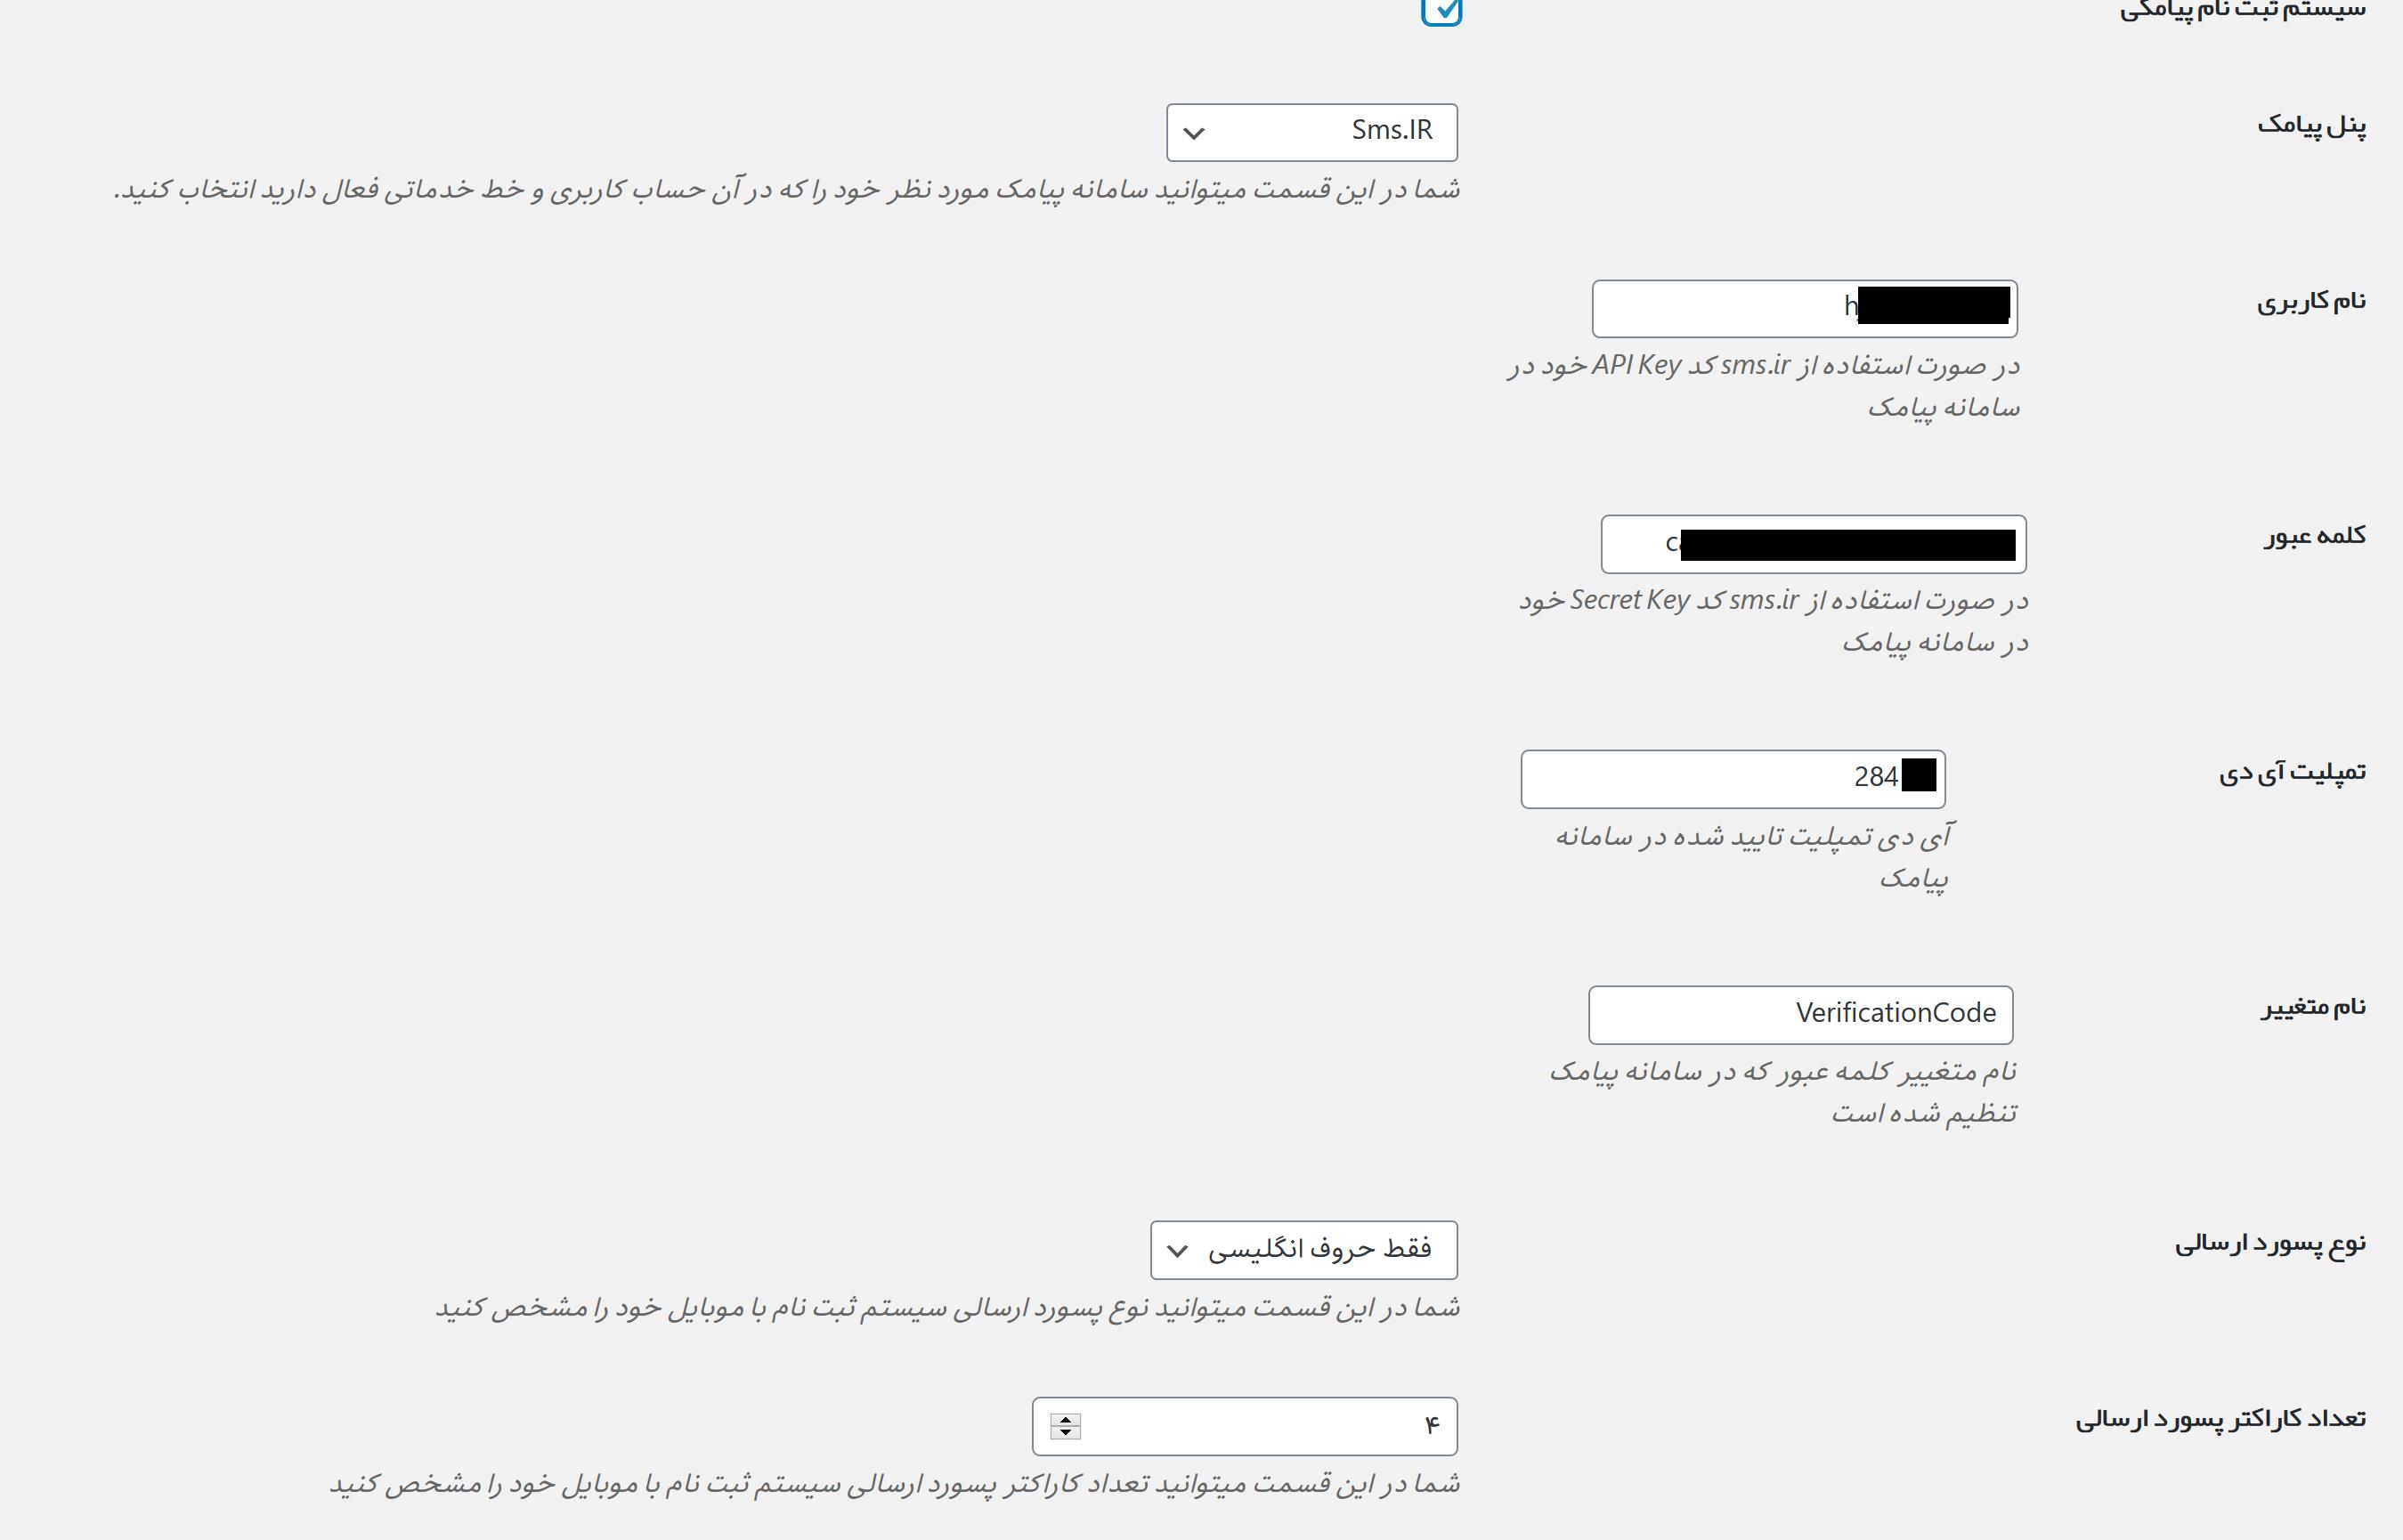 تنظیمات ارسال پیامک اپلیکیشن همراه وردپرس